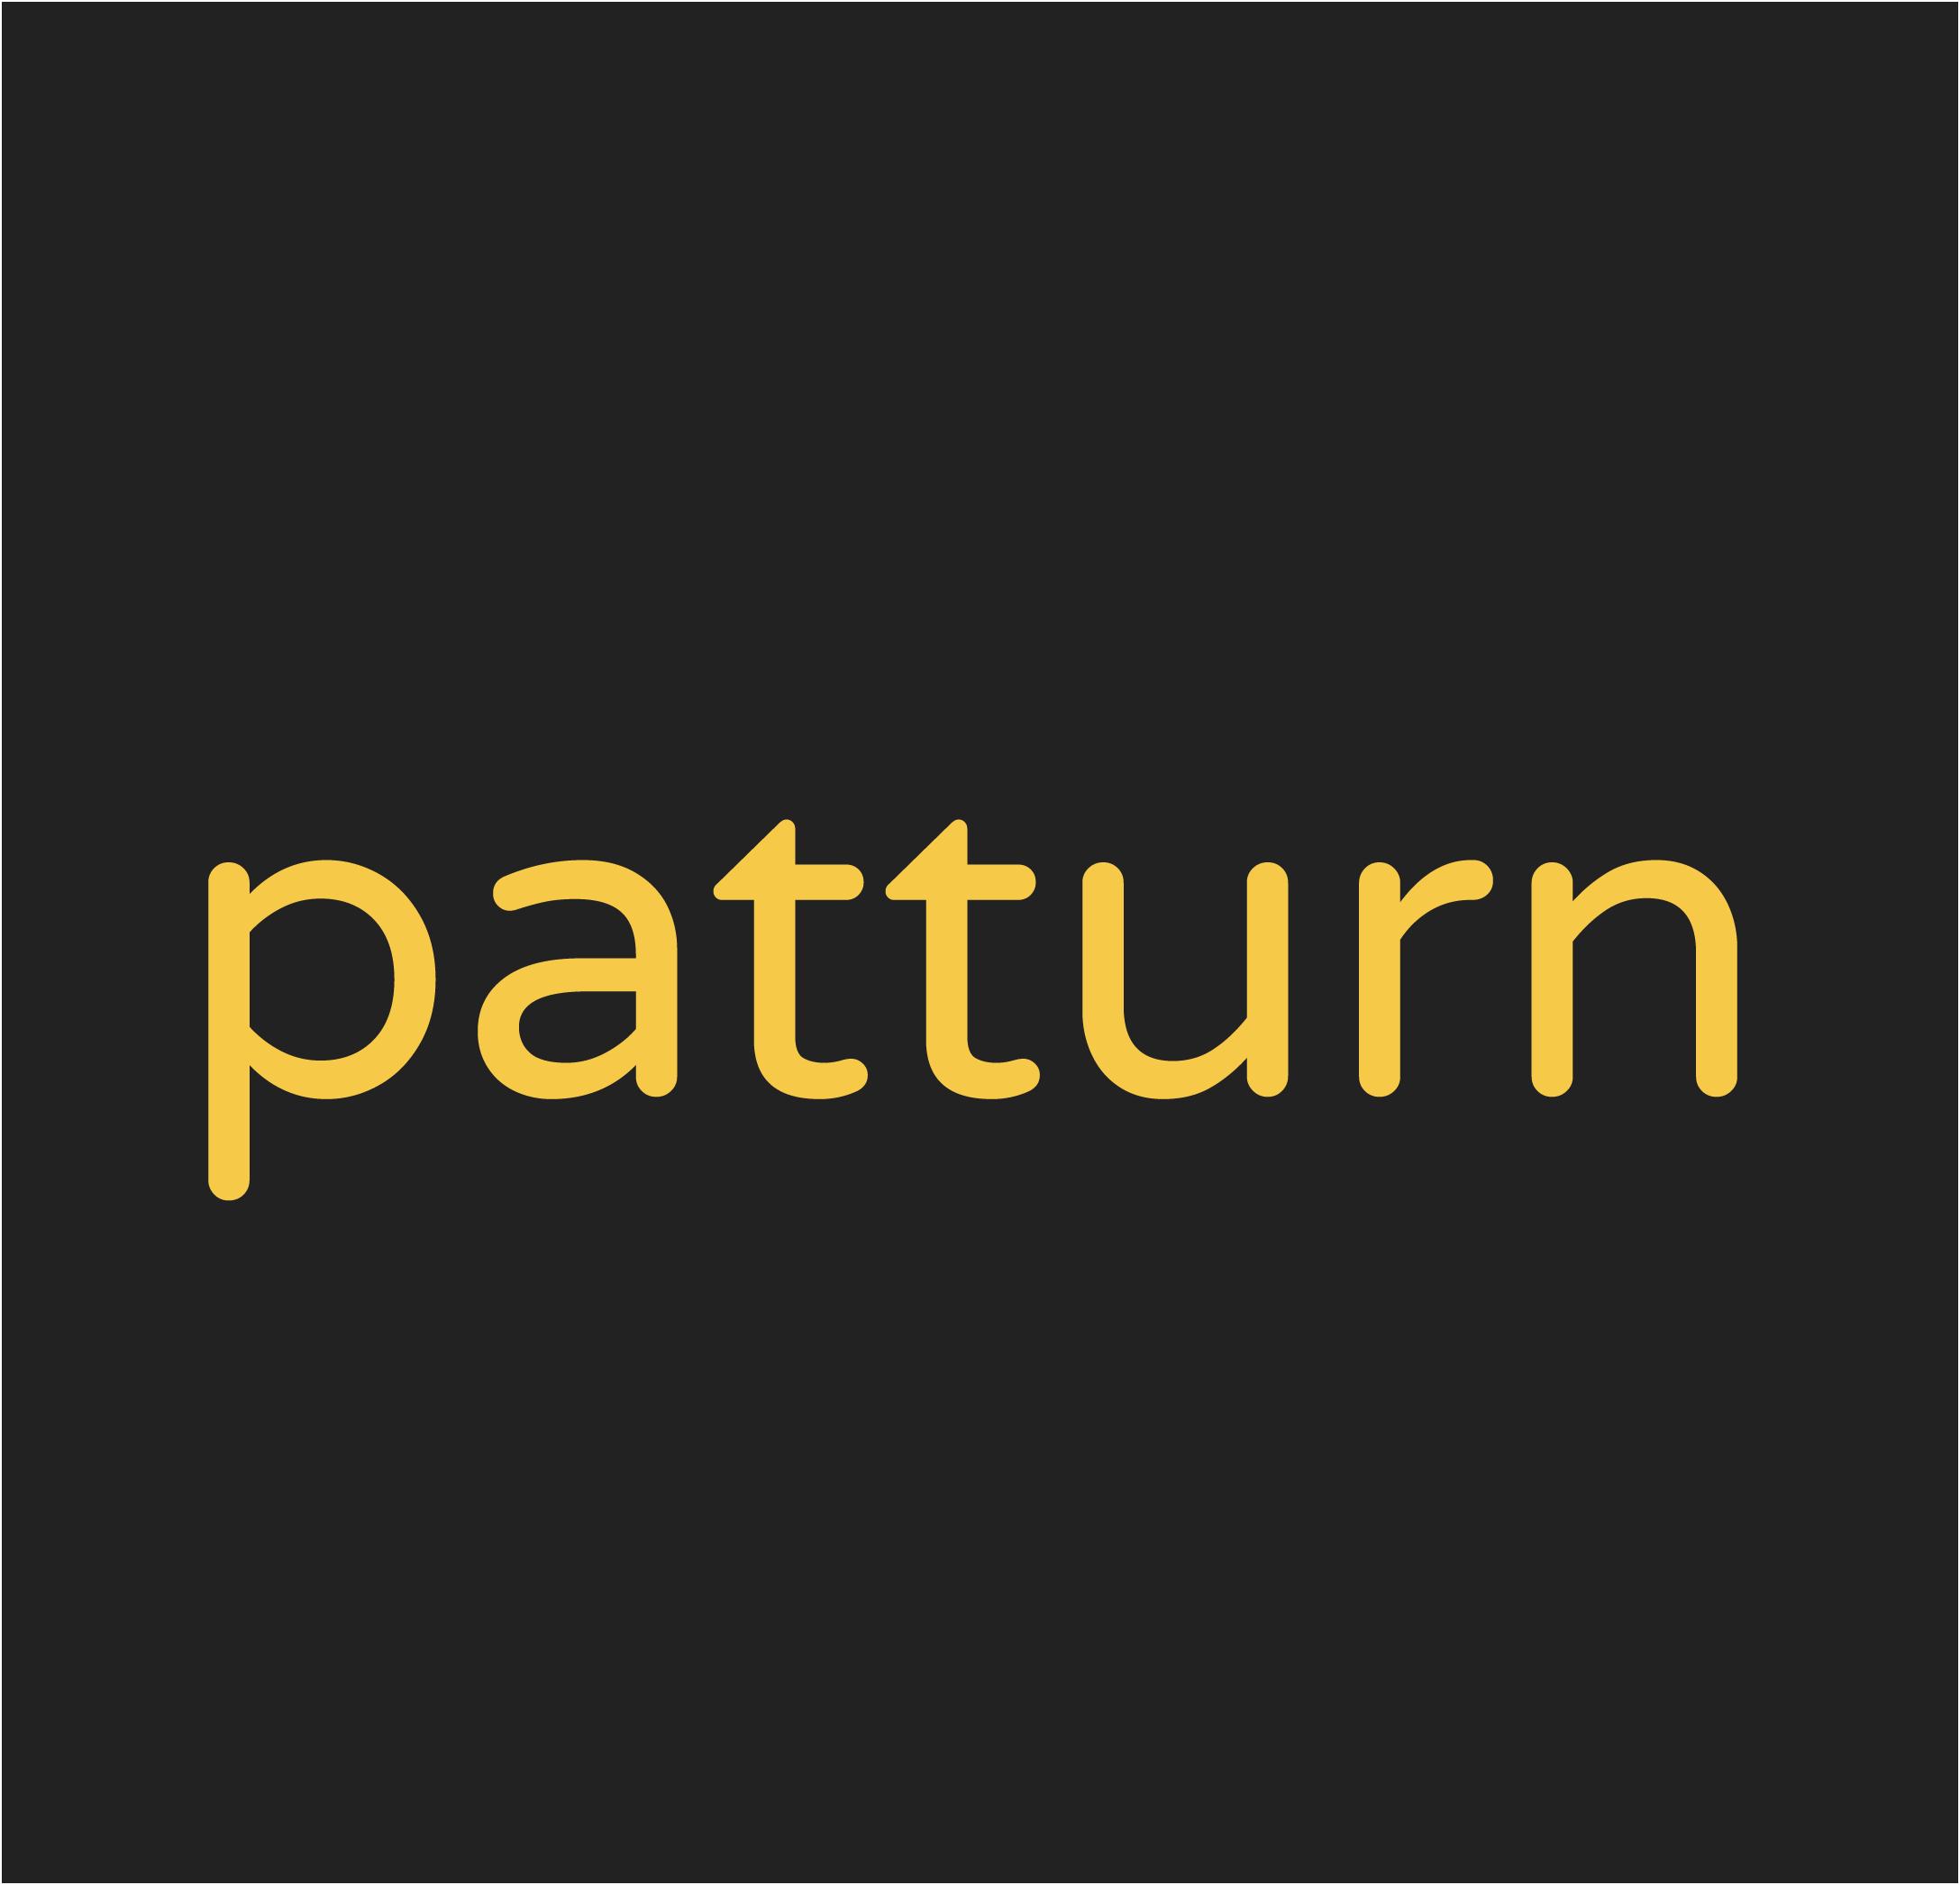 Patturn